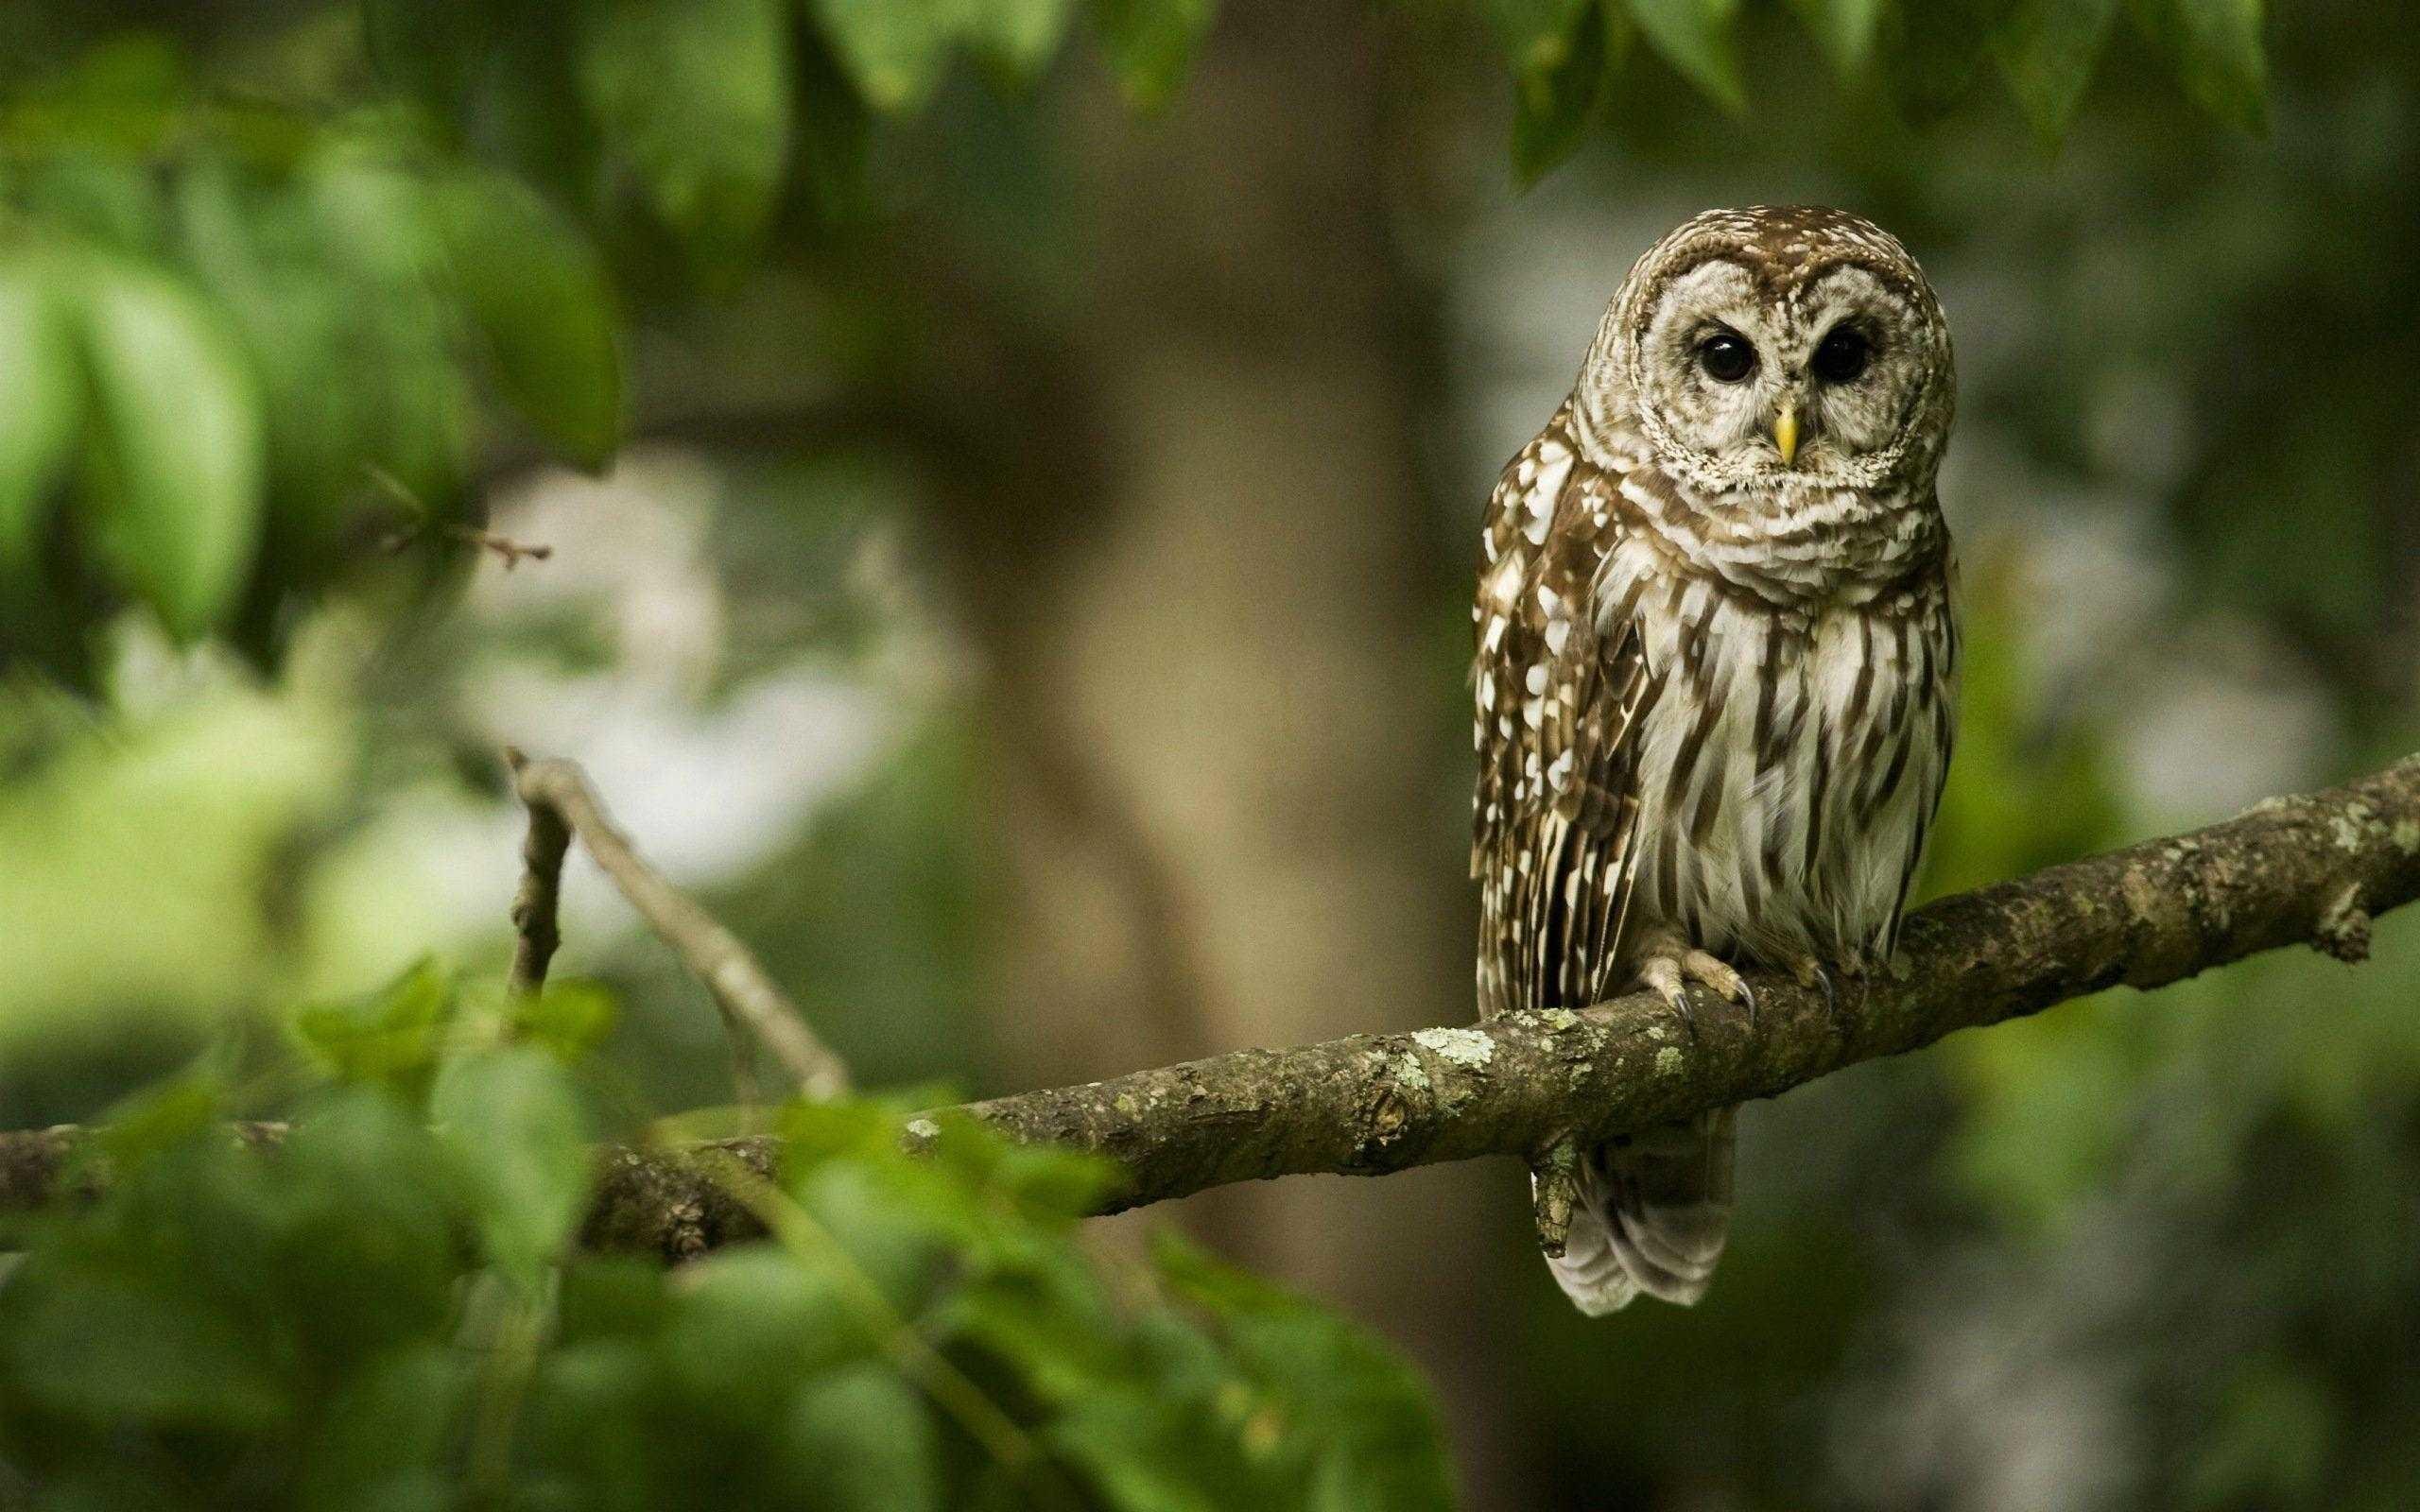 Res: 2560x1600, Cute Owl Wallpaper Desktop Full Hd Pics For Smartphone